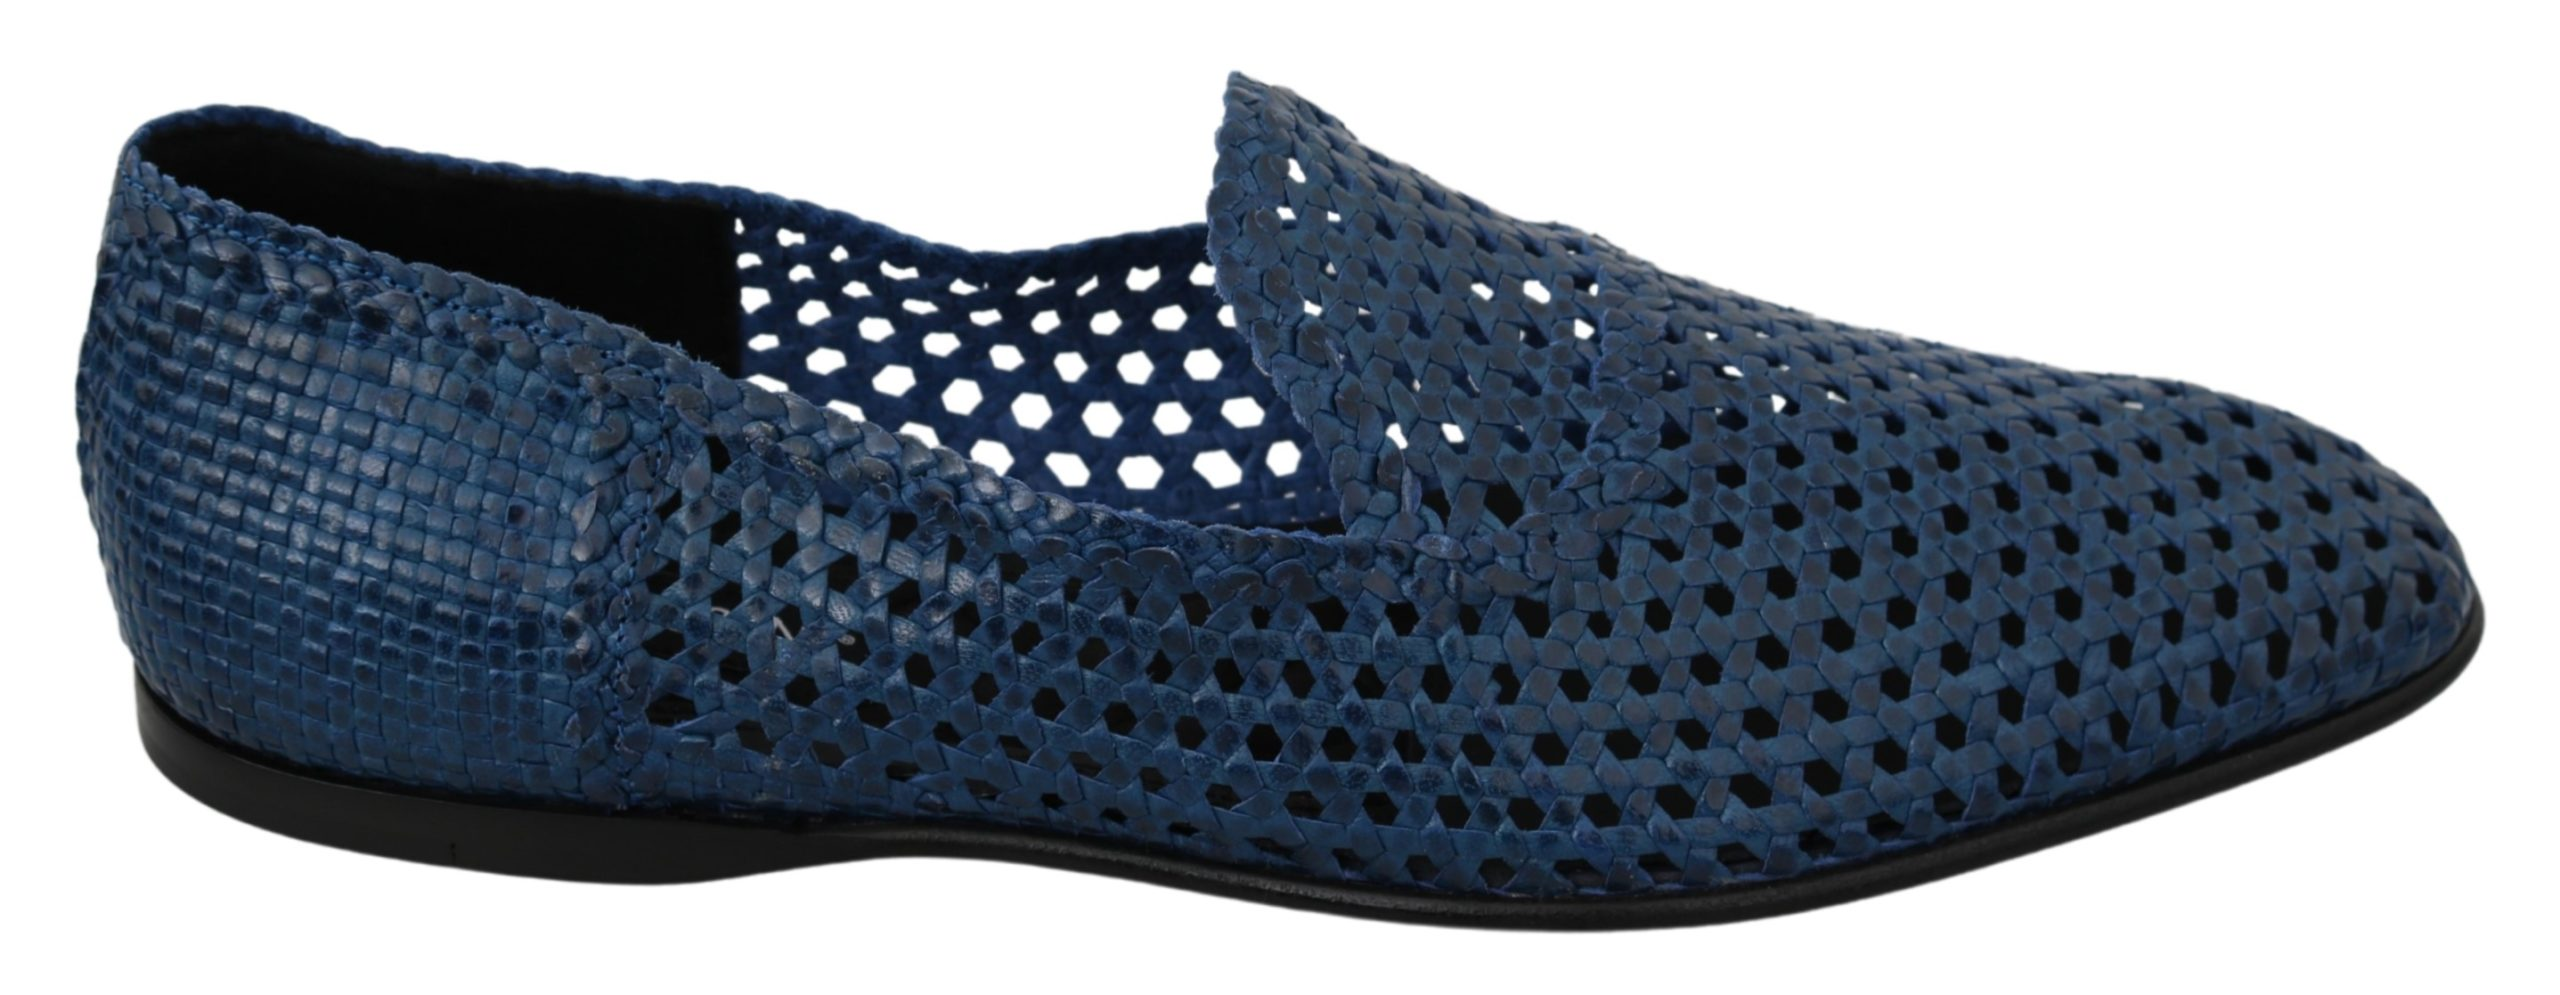 Dolce & Gabbana Men's Breathable Loafer Blue MV2878 - EU43.5/US10.5